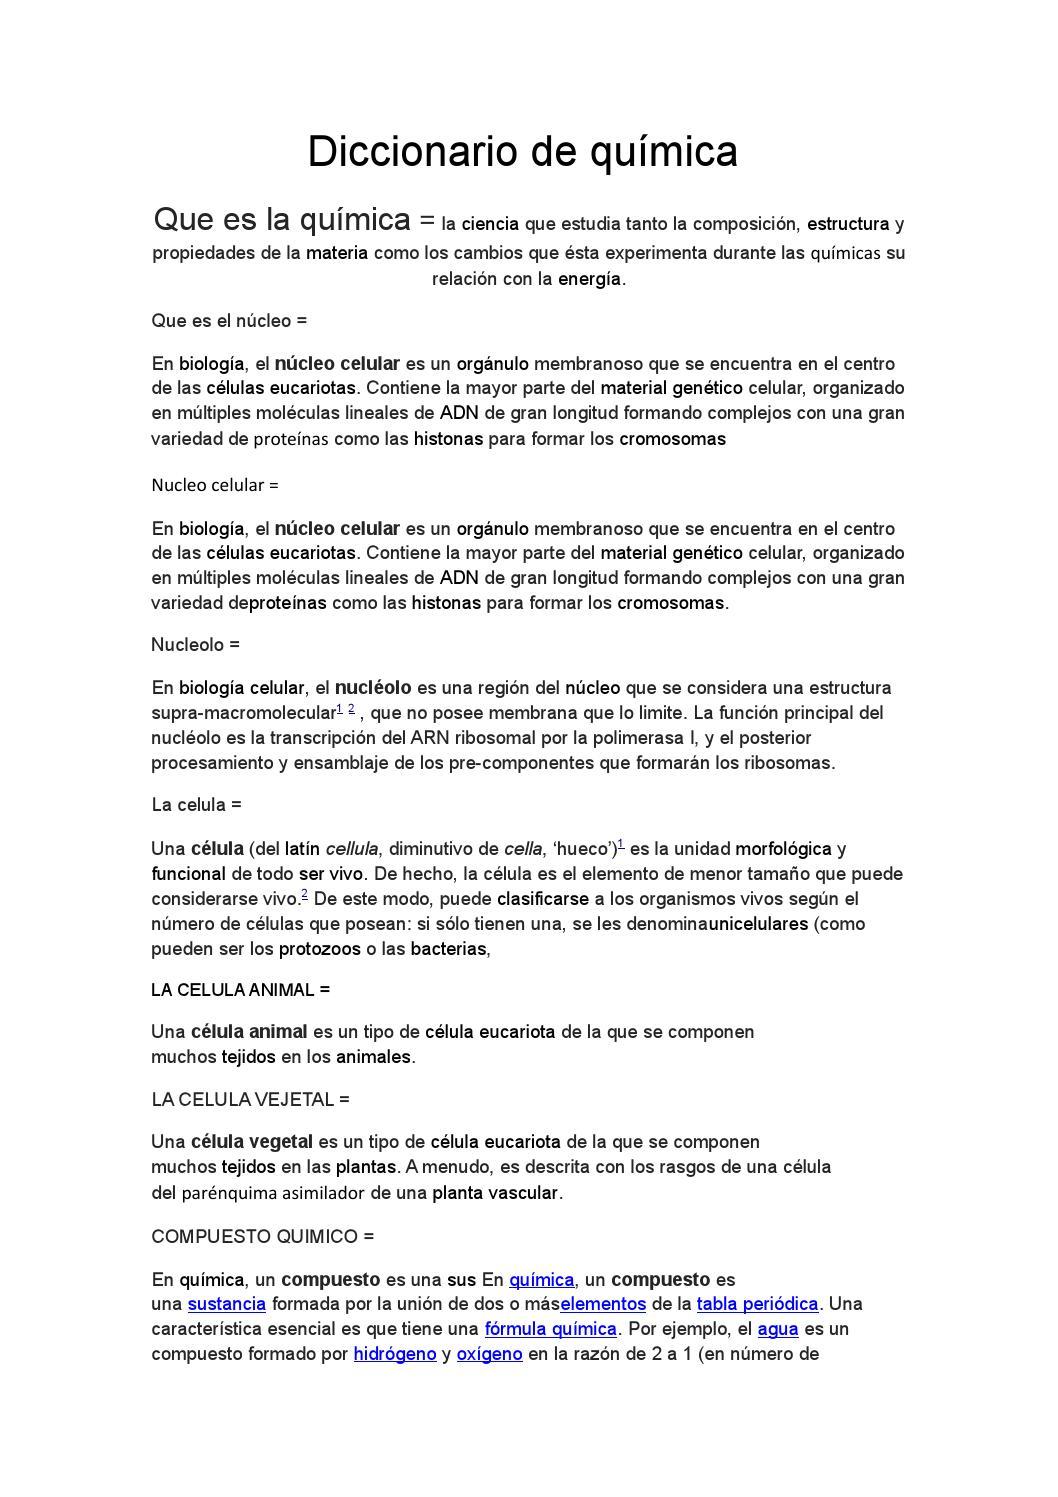 Diccionario De Química By Alejo Garzonmejia Issuu